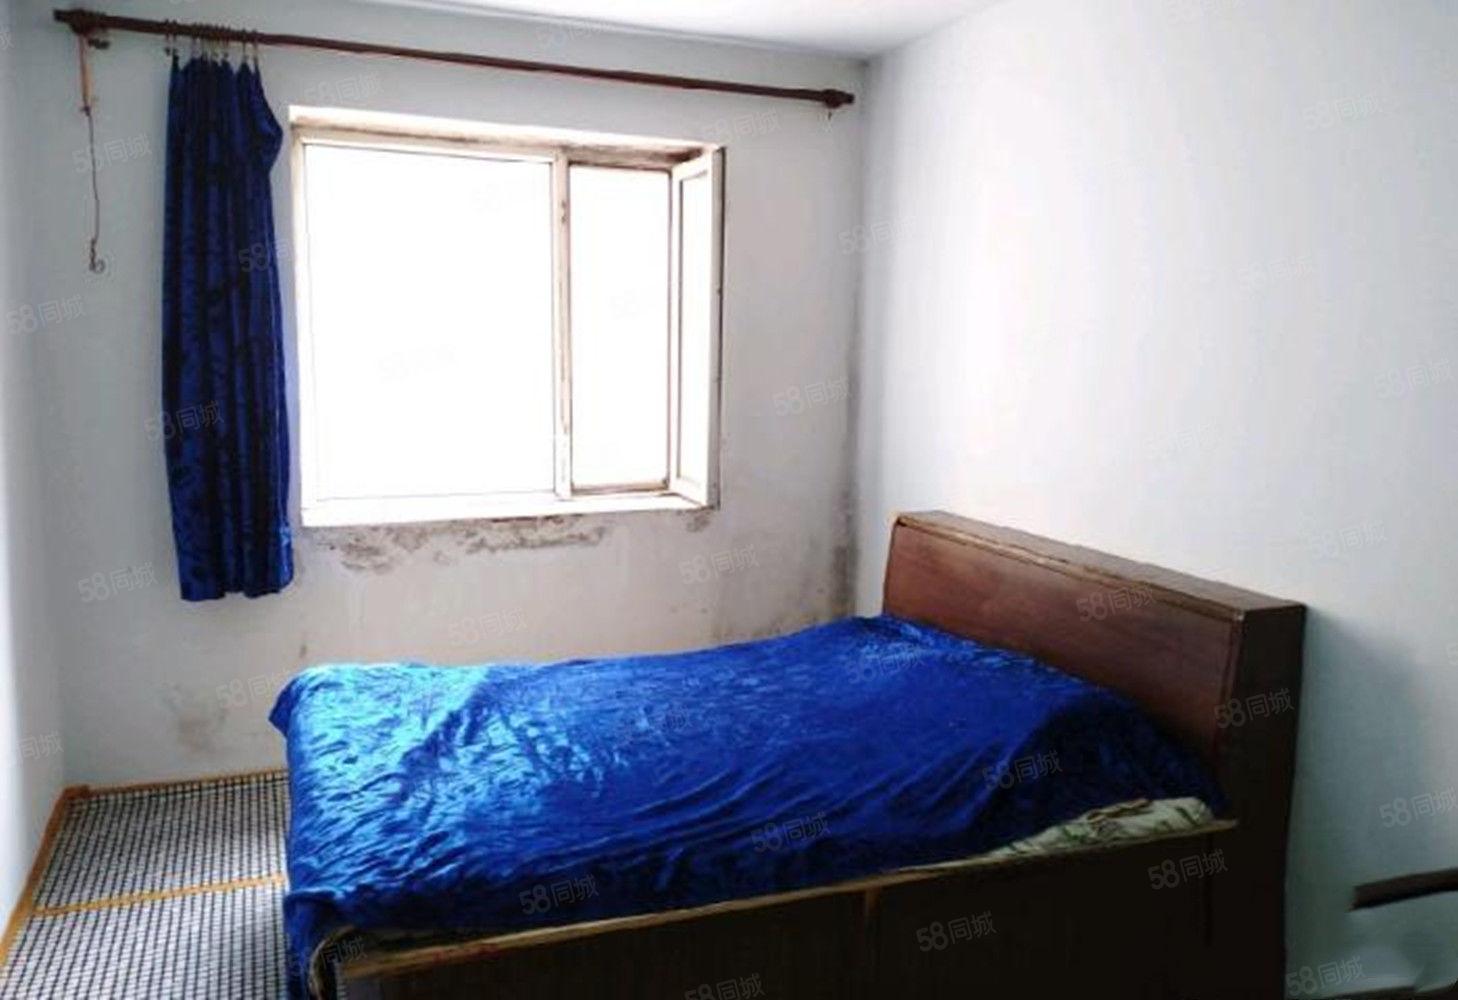 一中附近的多层5楼两室一厅适合陪读过度的选择便宜